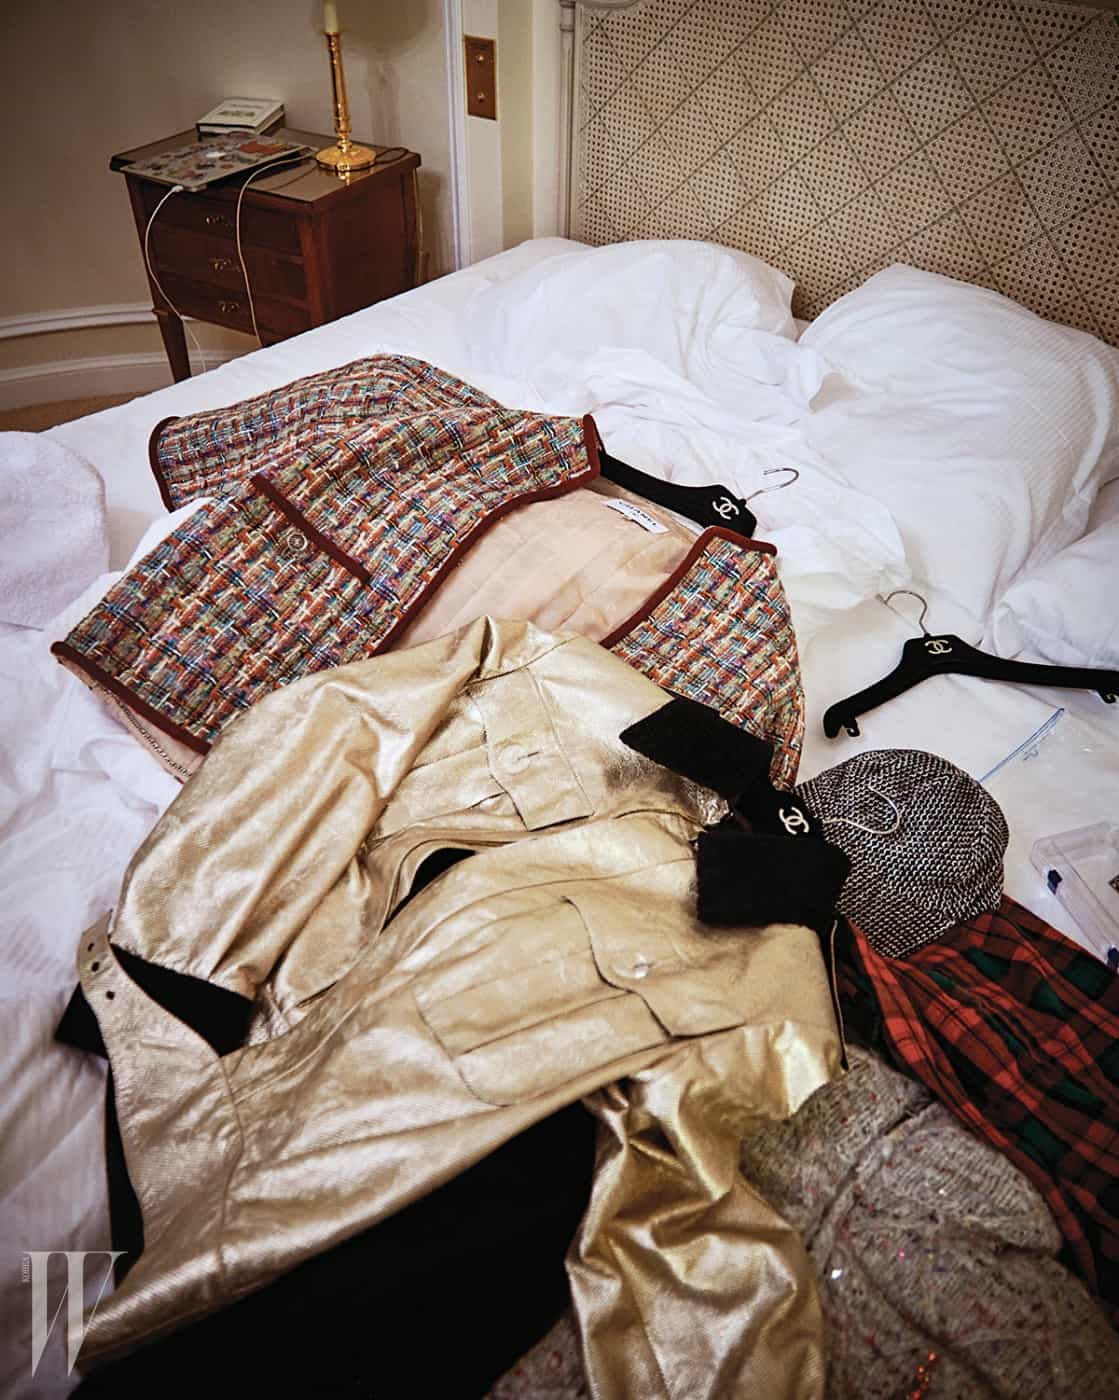 파리에 있는 동안 머문 브리스톨 호텔에서 만난 지드래곤. 샤넬의 흰색 스웨터와 로고 장식 액세서리를 착용했다.